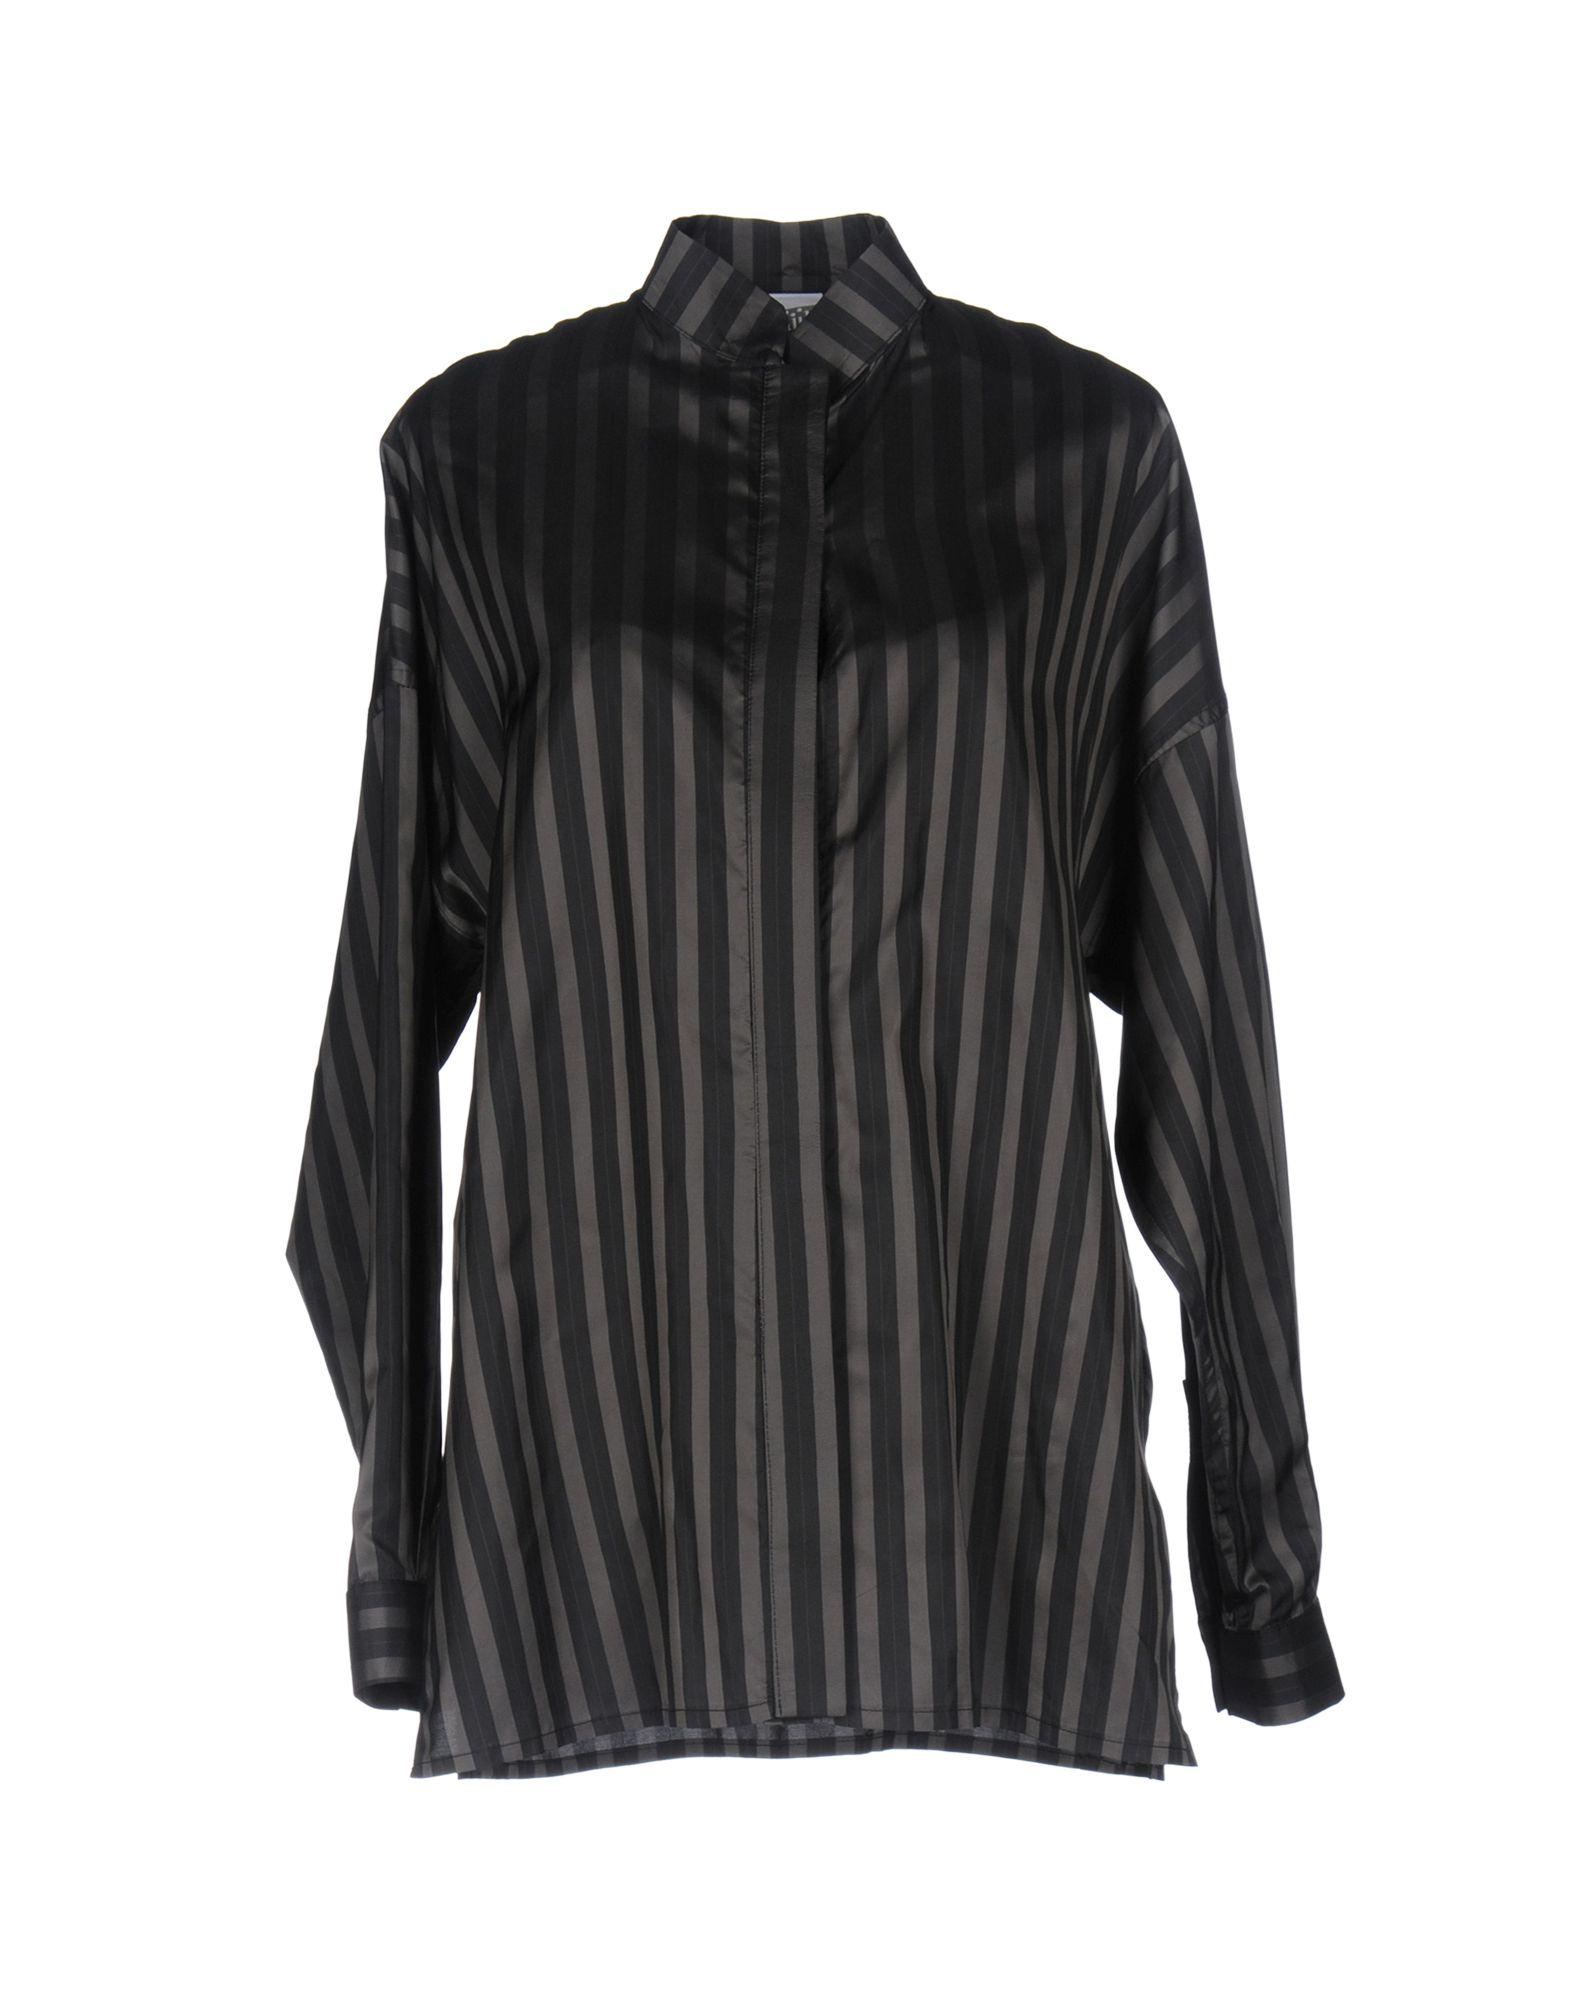 《送料無料》JIJIL レディース シャツ ブラック 38 キュプラ 100%